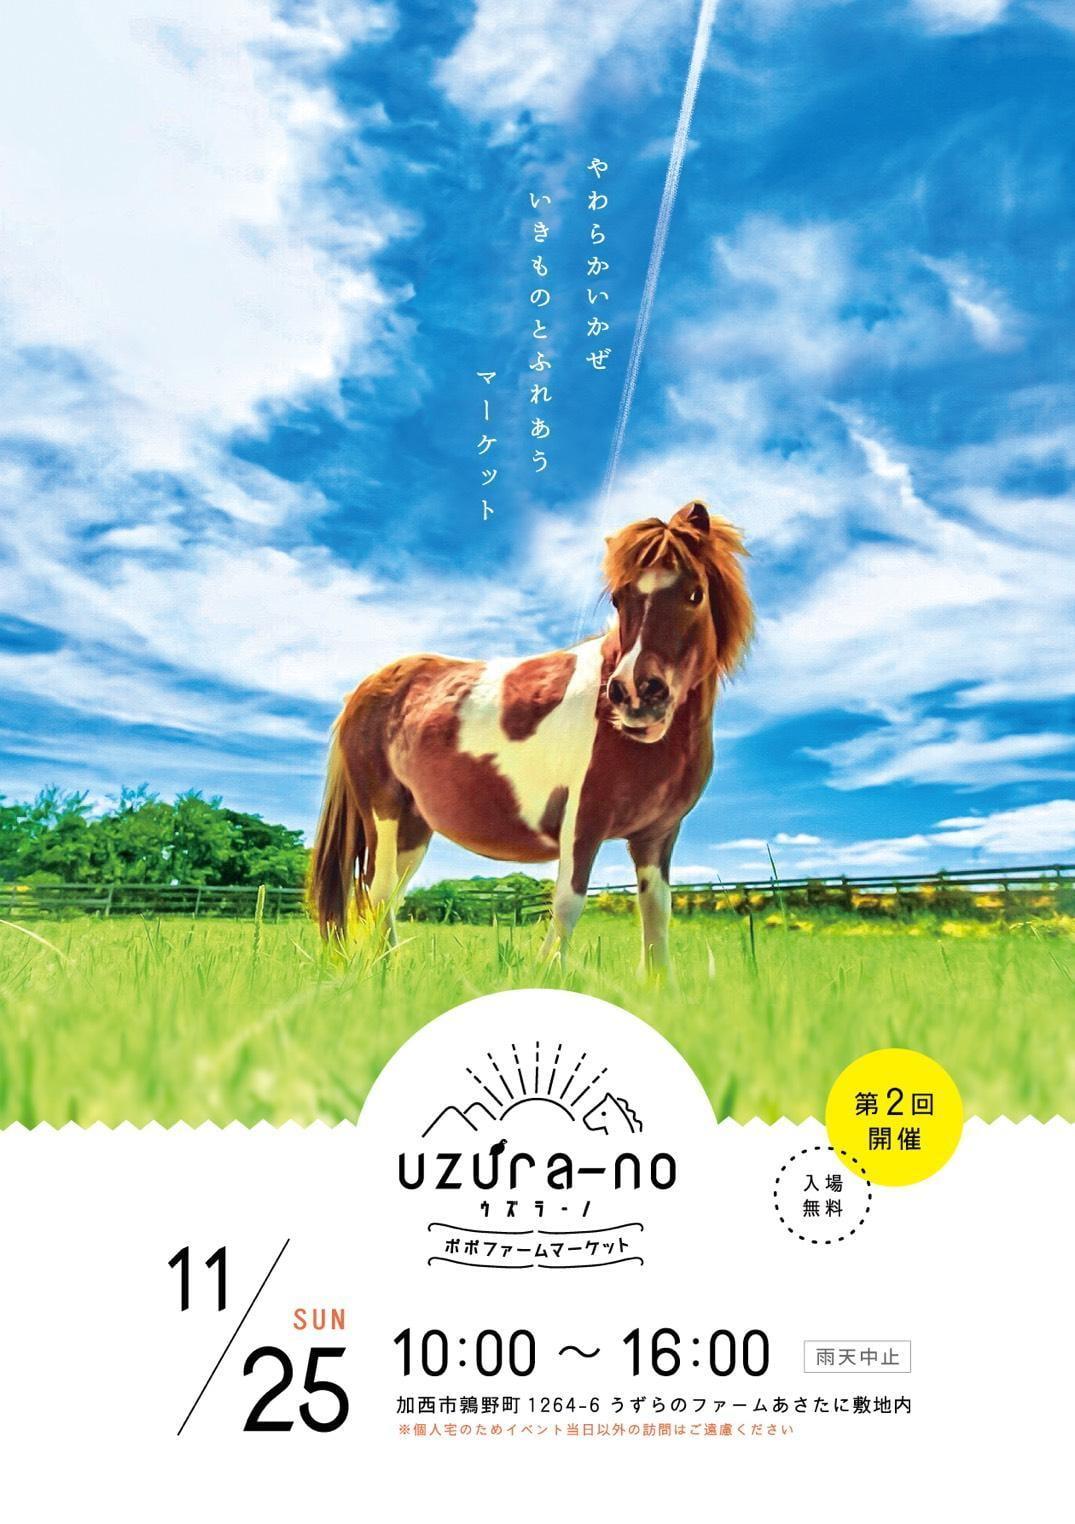 第2回 uzura-no(ウズラーノ)ポポファームマーケット